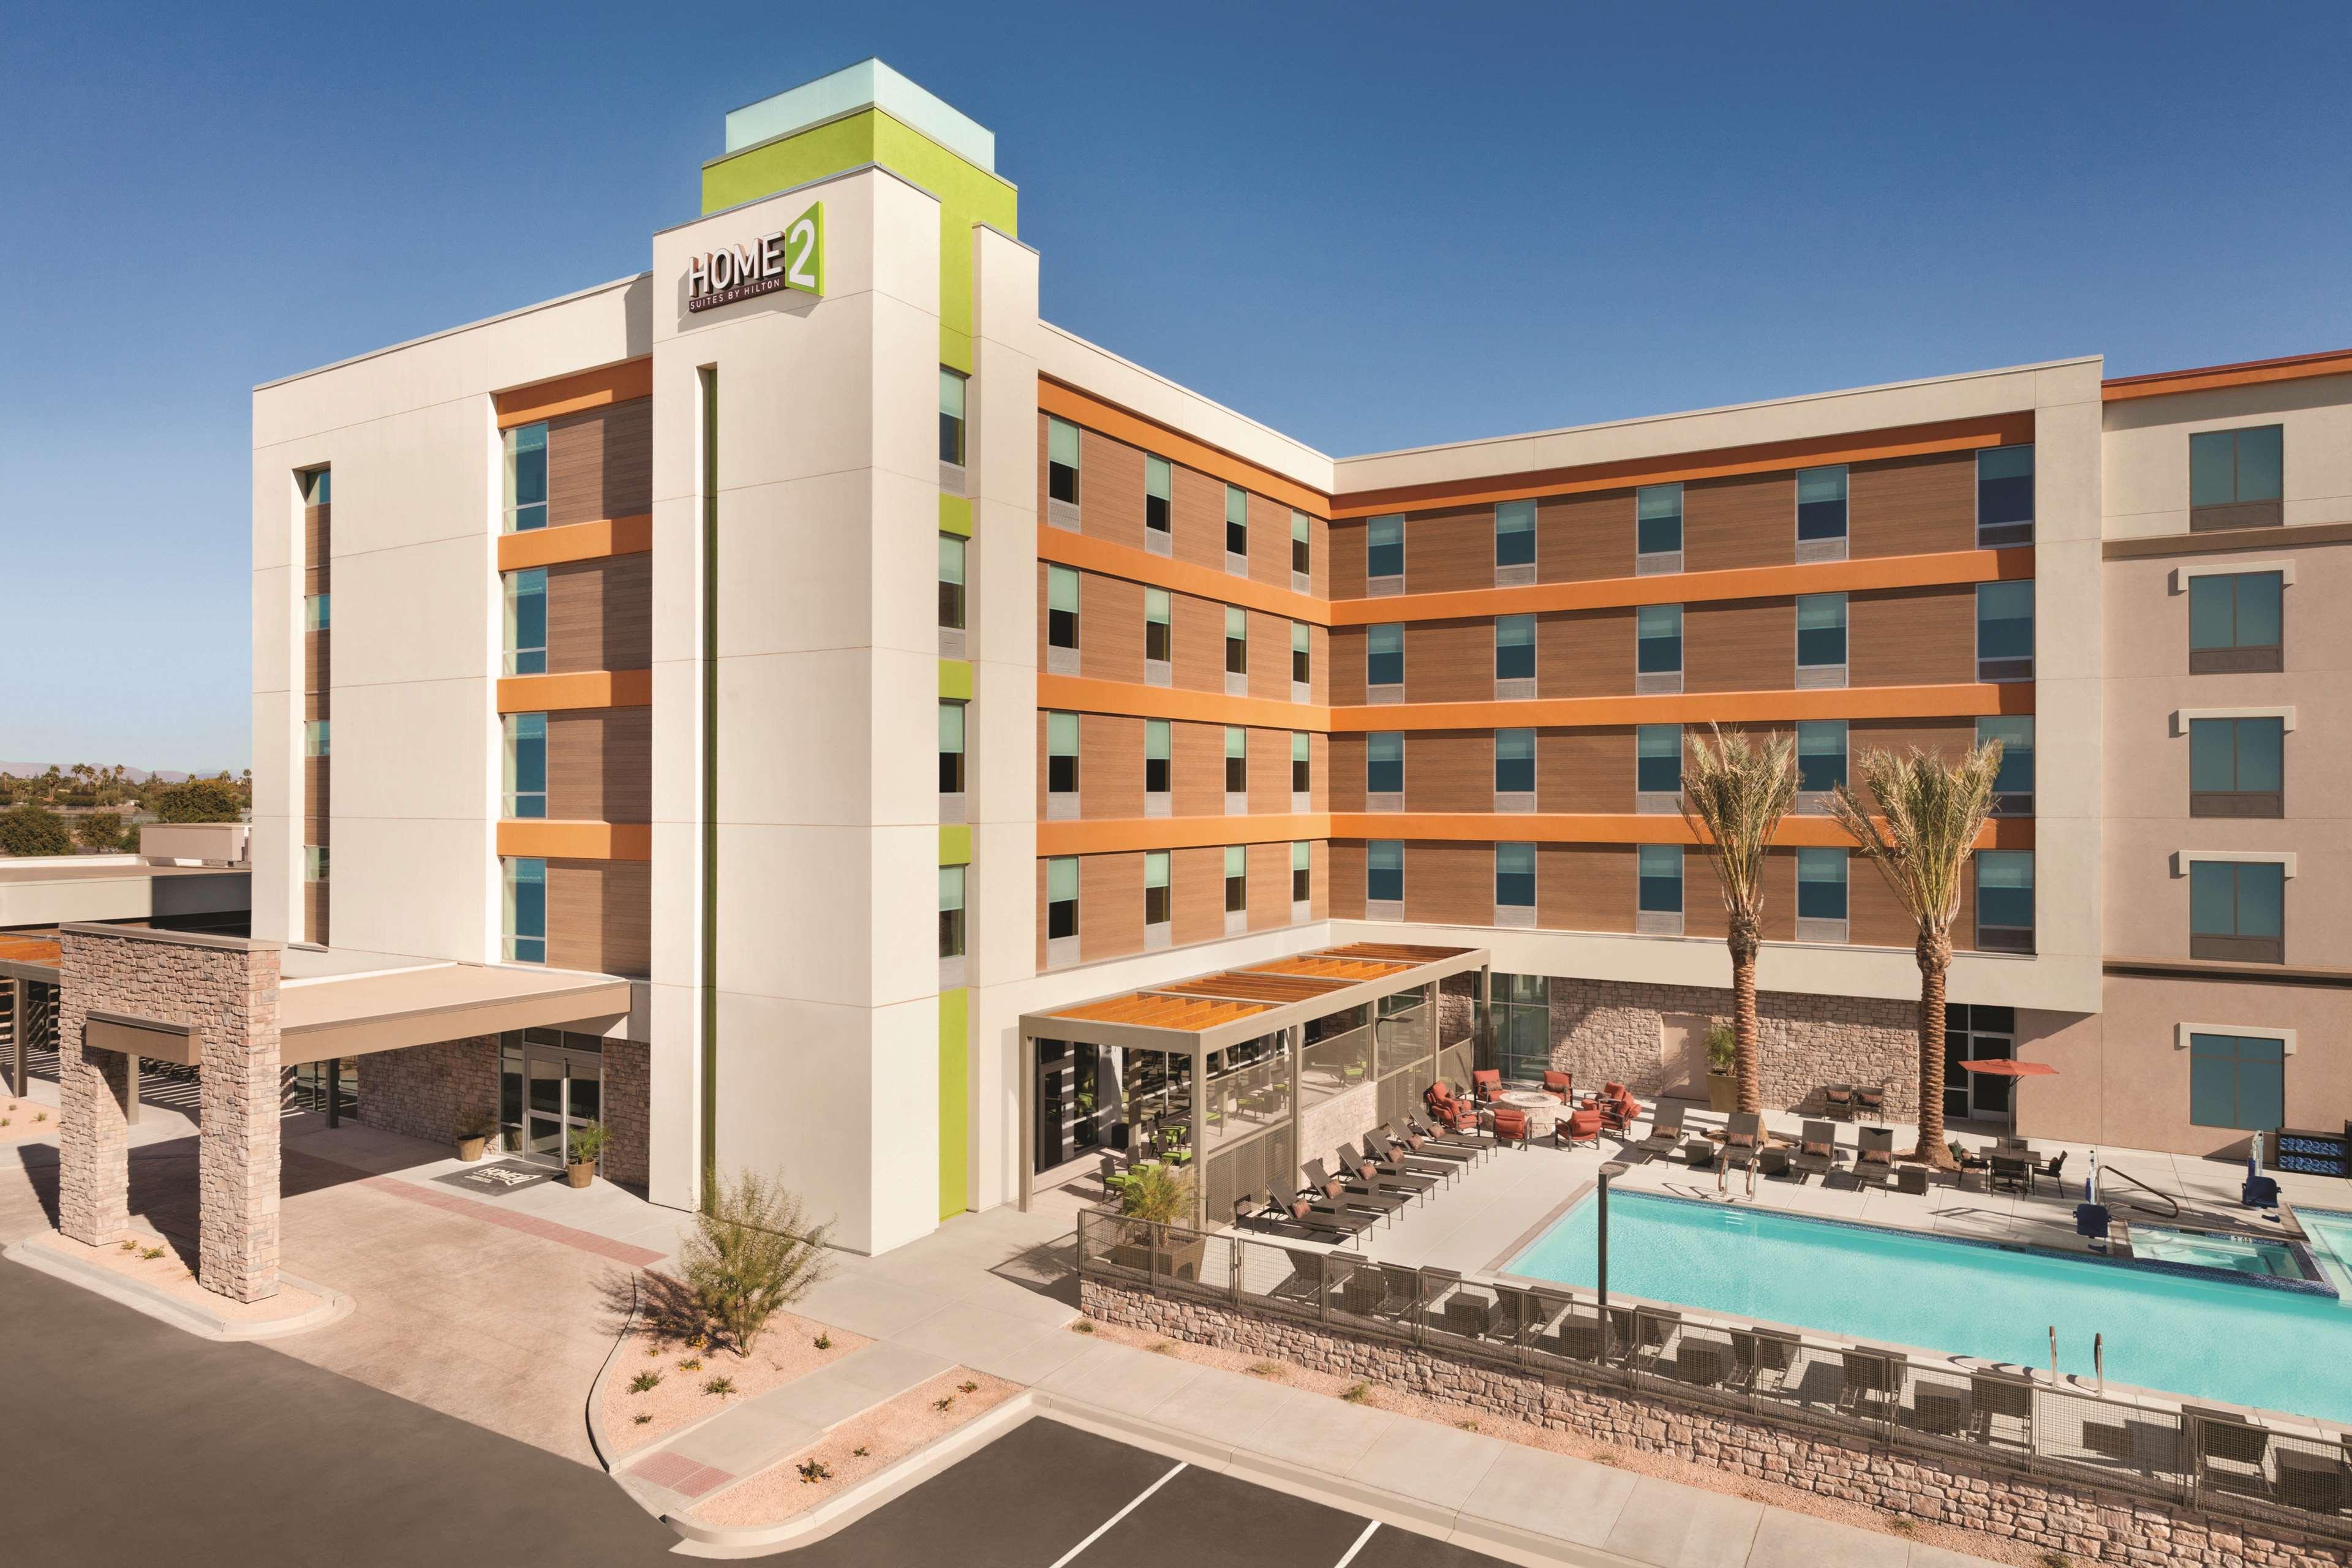 Home2 Suites by Hilton Phoenix-Tempe ASU Research Park image 0